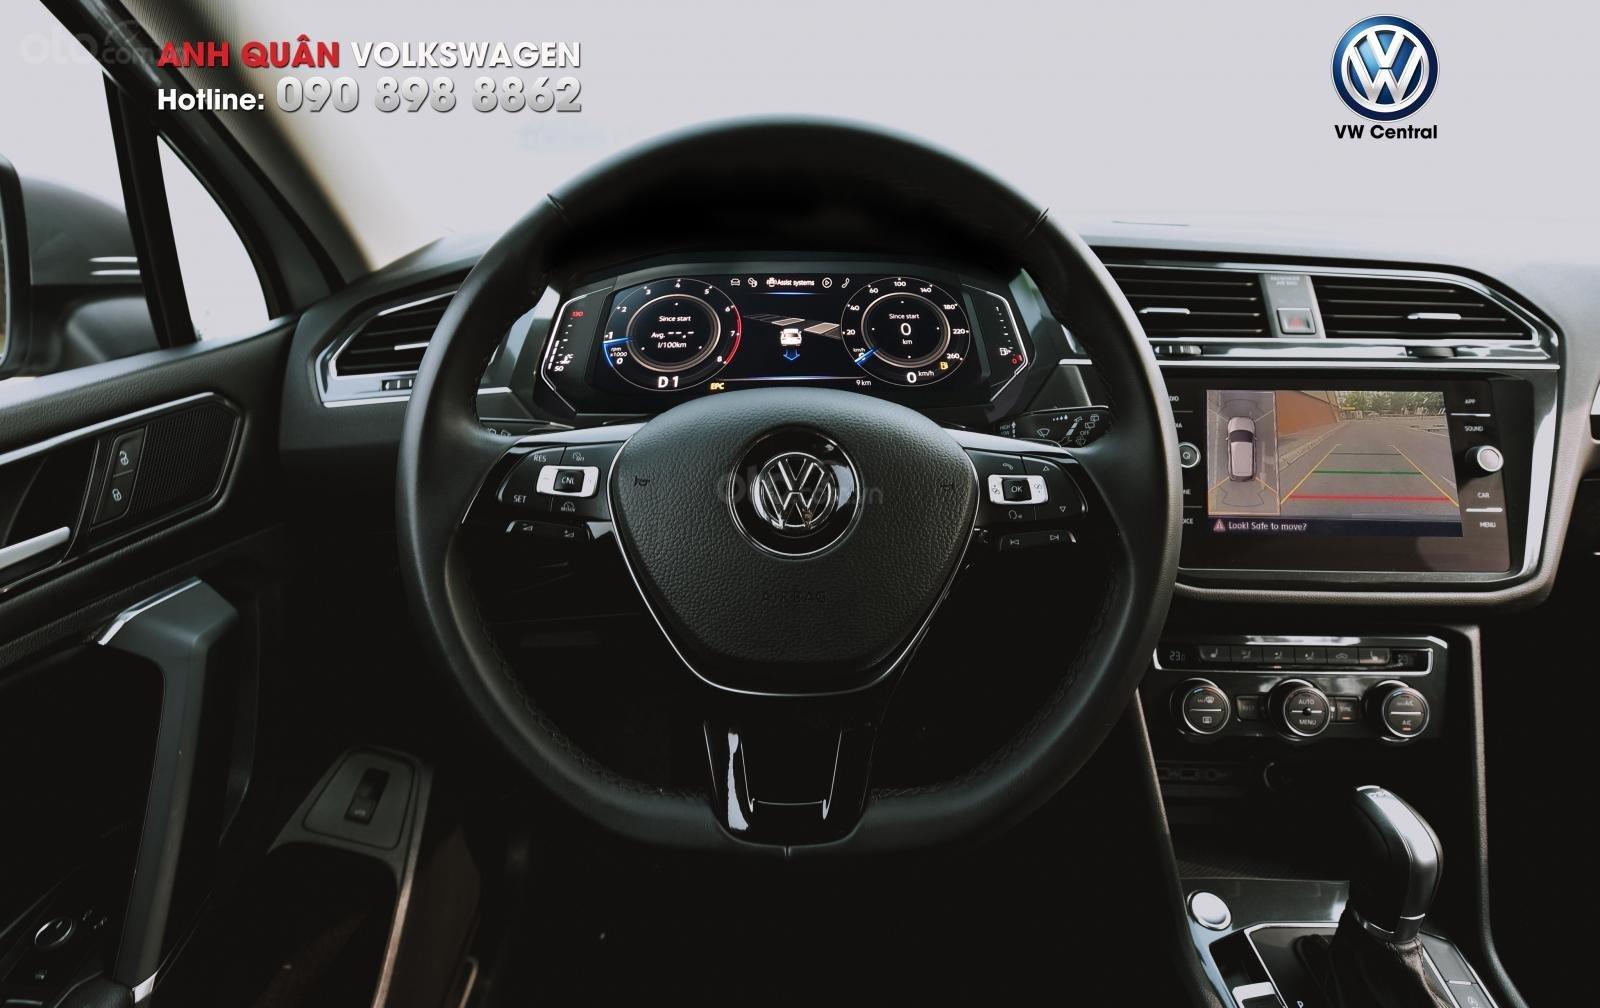 Tiguan Allspace Luxury 2020 - nhập khẩu, đủ màu, giao ngay|Hotline: 090-898-8862 (Anh Quân - VW Sài Gòn) (15)